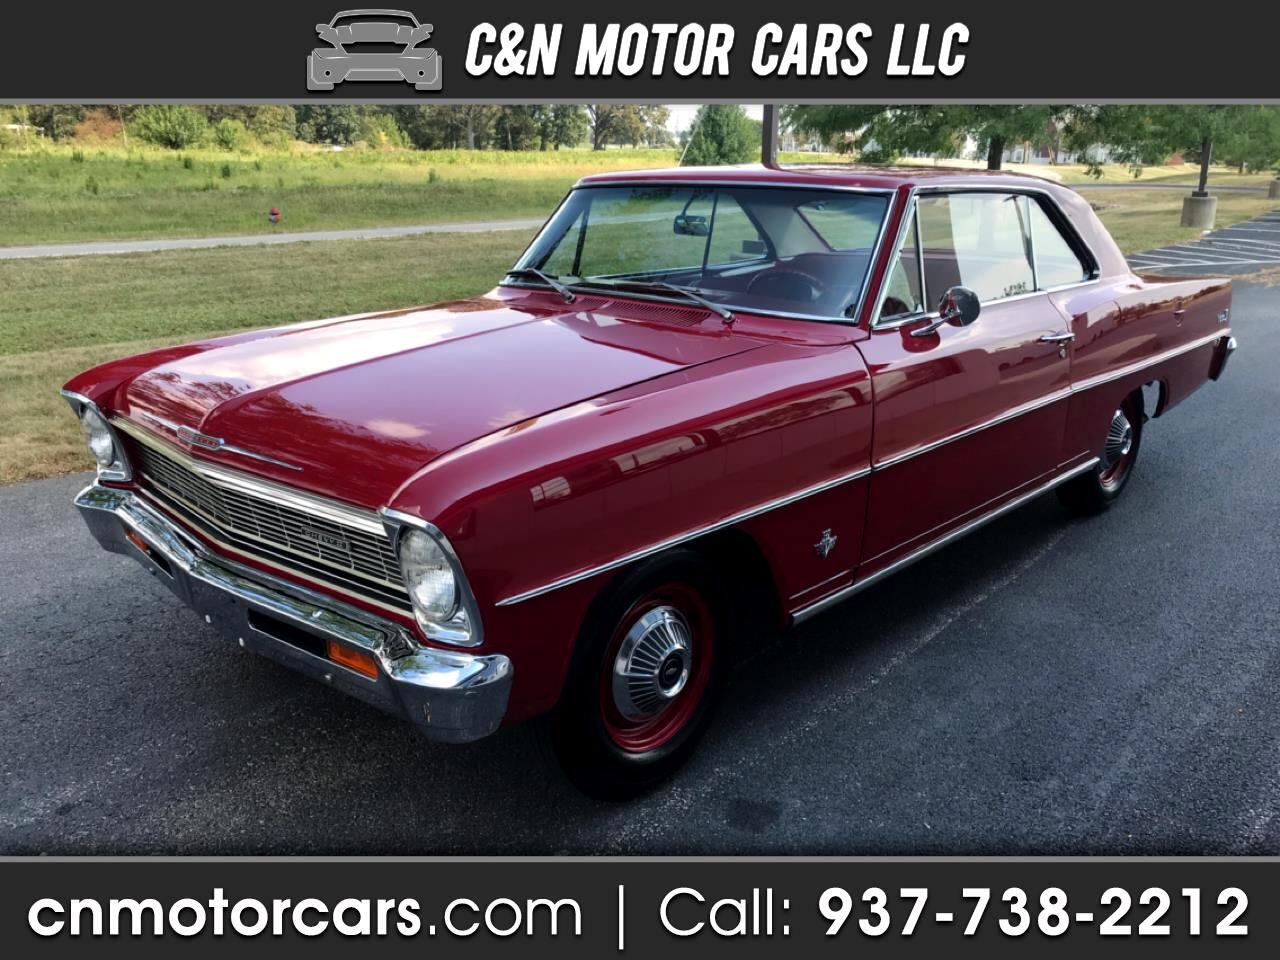 1966 Chevrolet Chevy II Nova Base